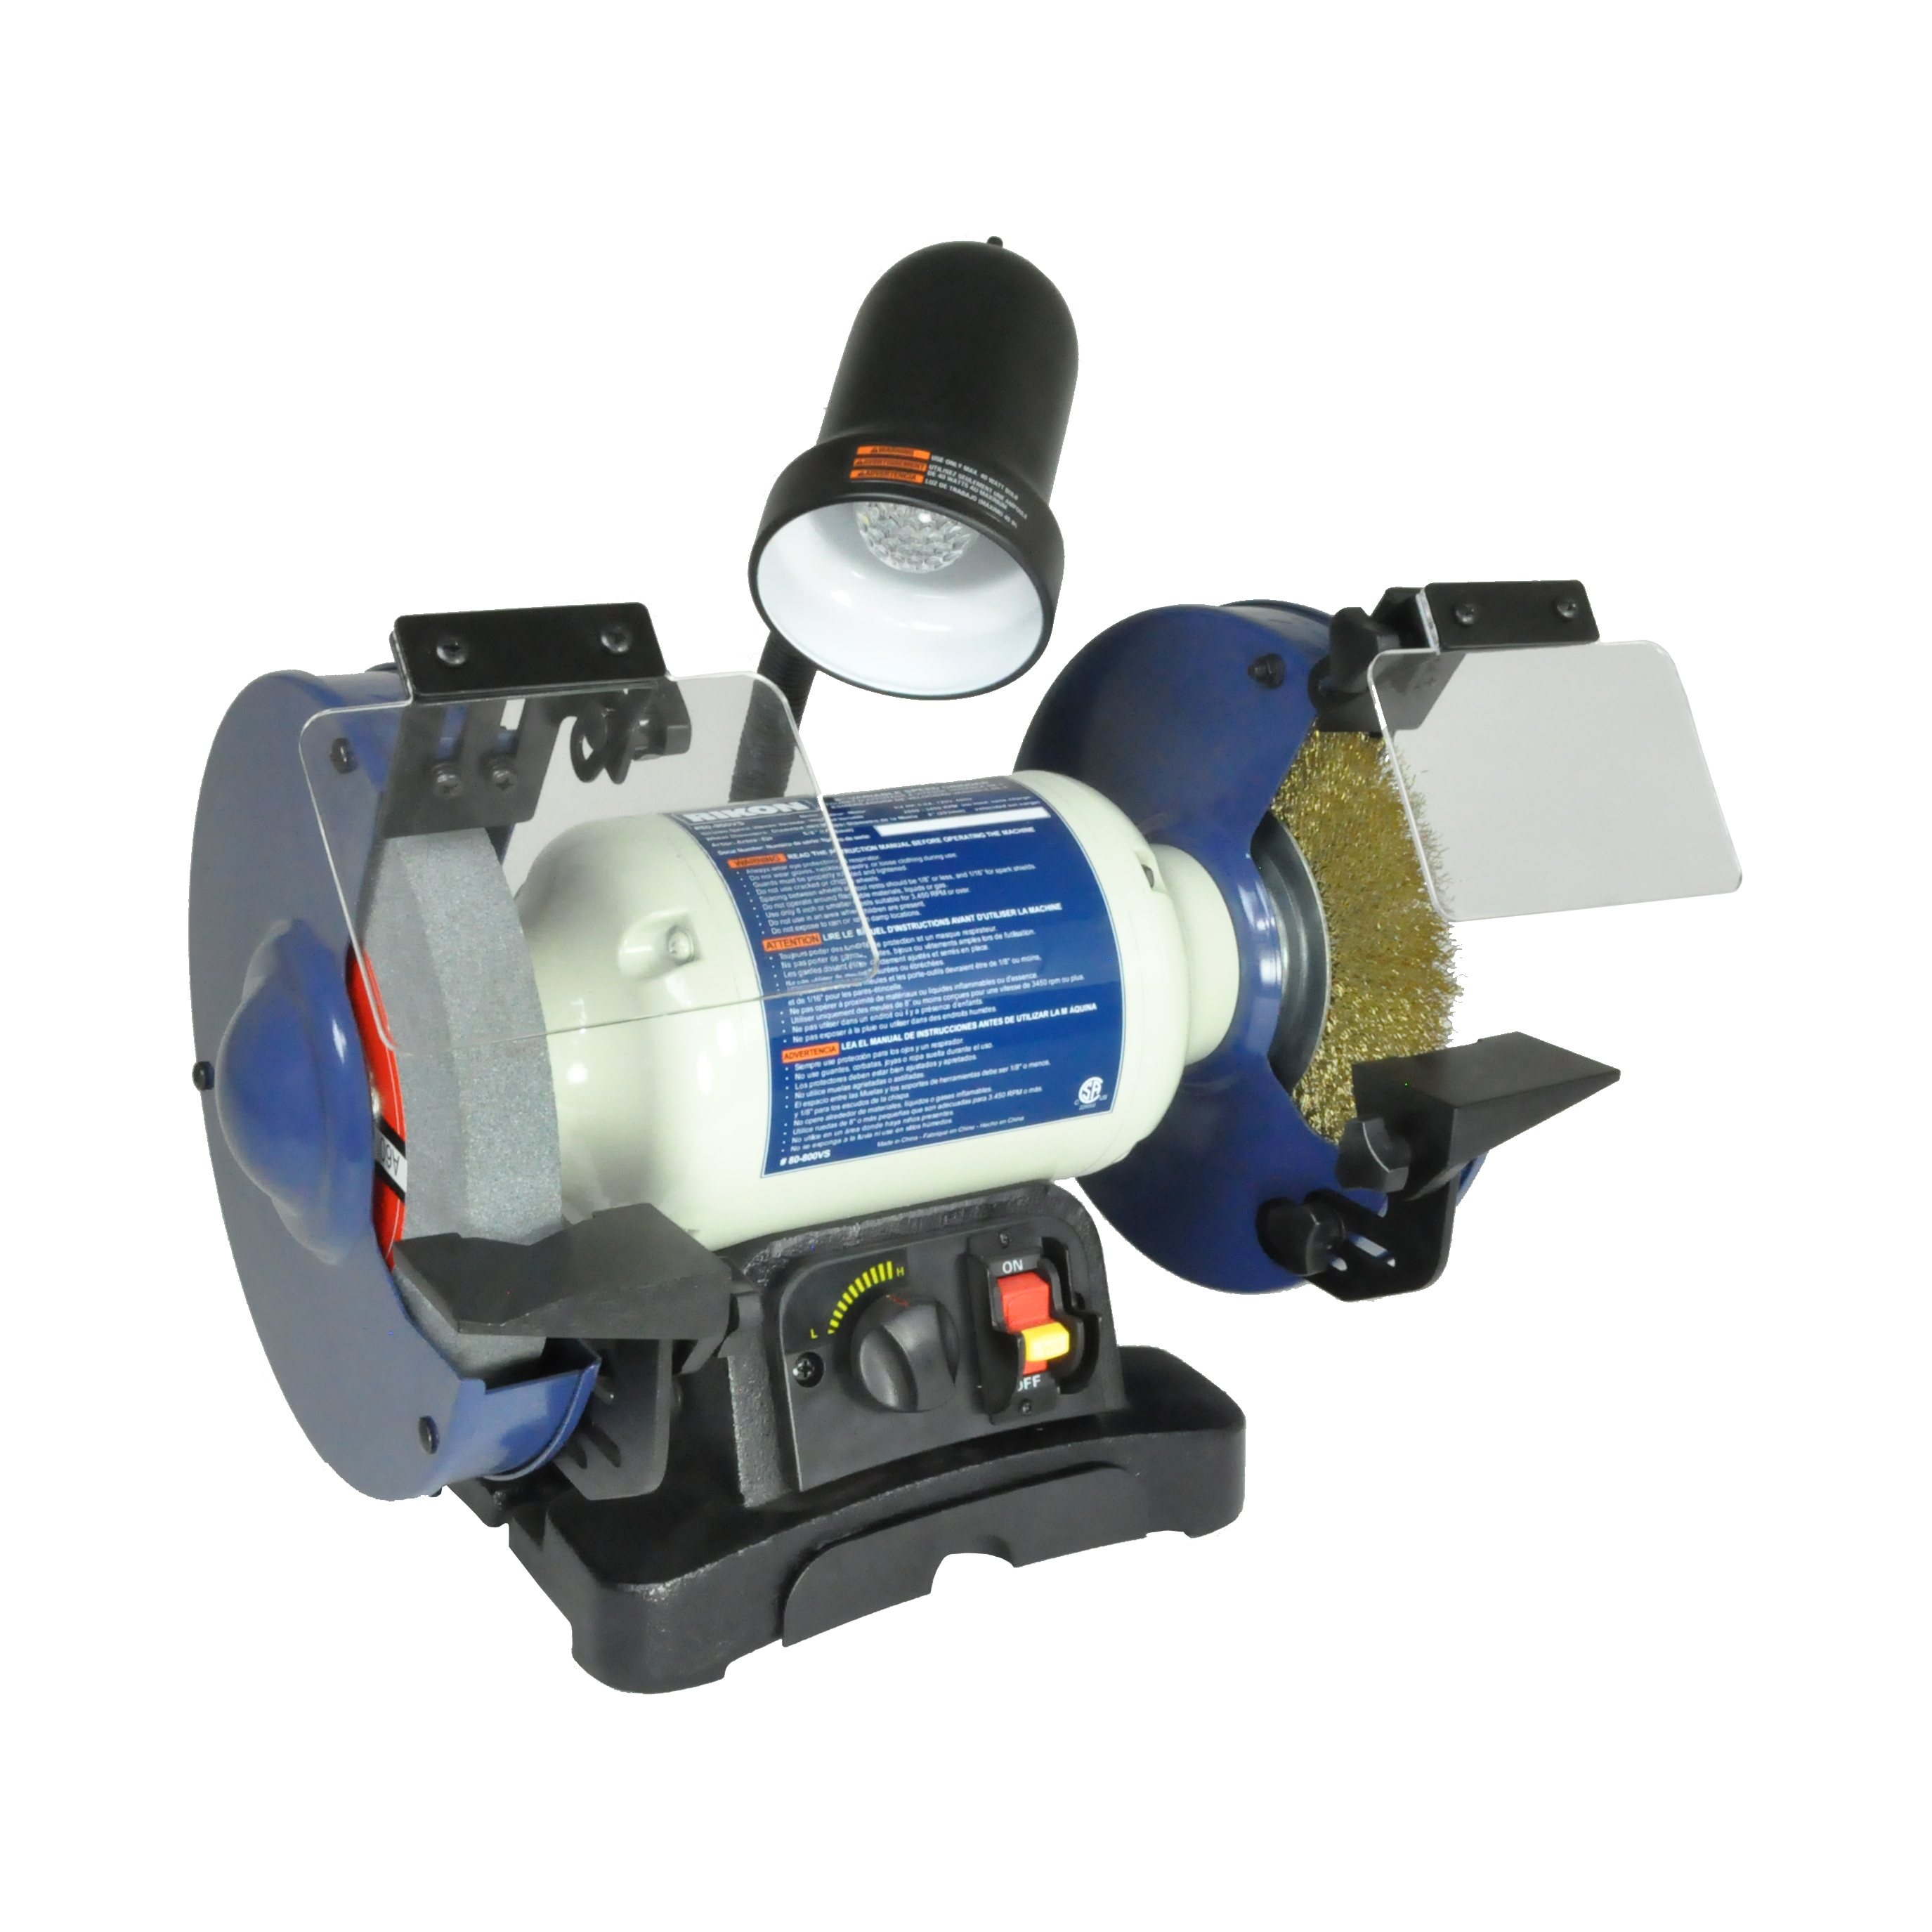 Model 80800vs 8 Variable Speed Bench Grinder Rikon Power Tools. Model 80800vs 8 Variable Speed Bench Grinder. Wiring. Bench Grinder Light Wiring Diagram At Scoala.co